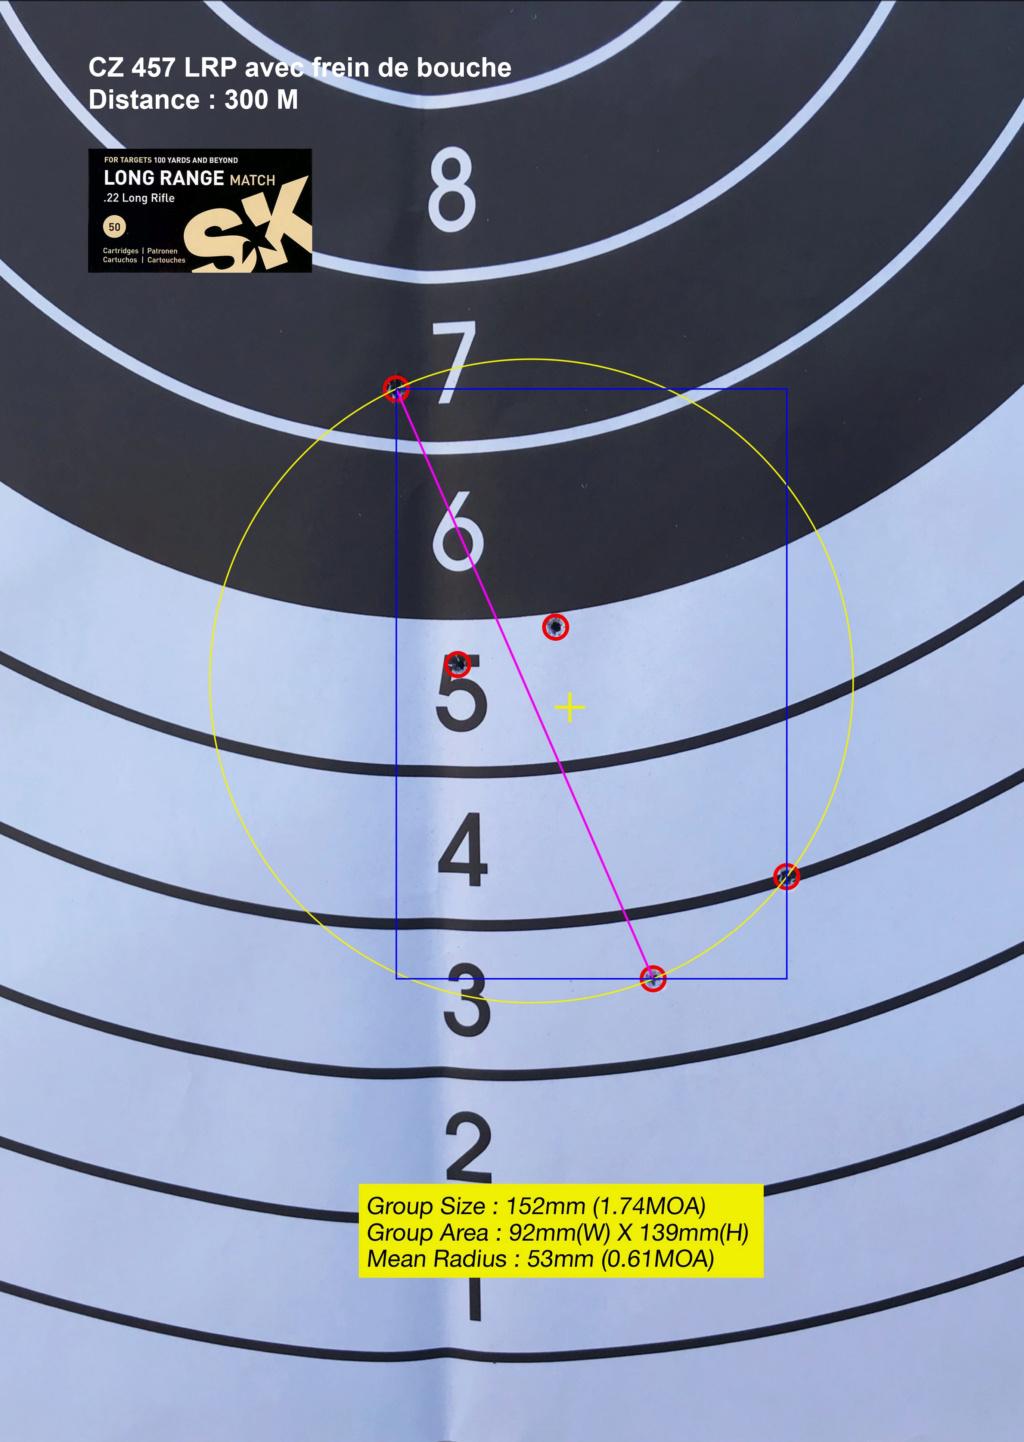 CZ 457 LRP en 22LR pour l'ELR - Page 5 Lrp_3010